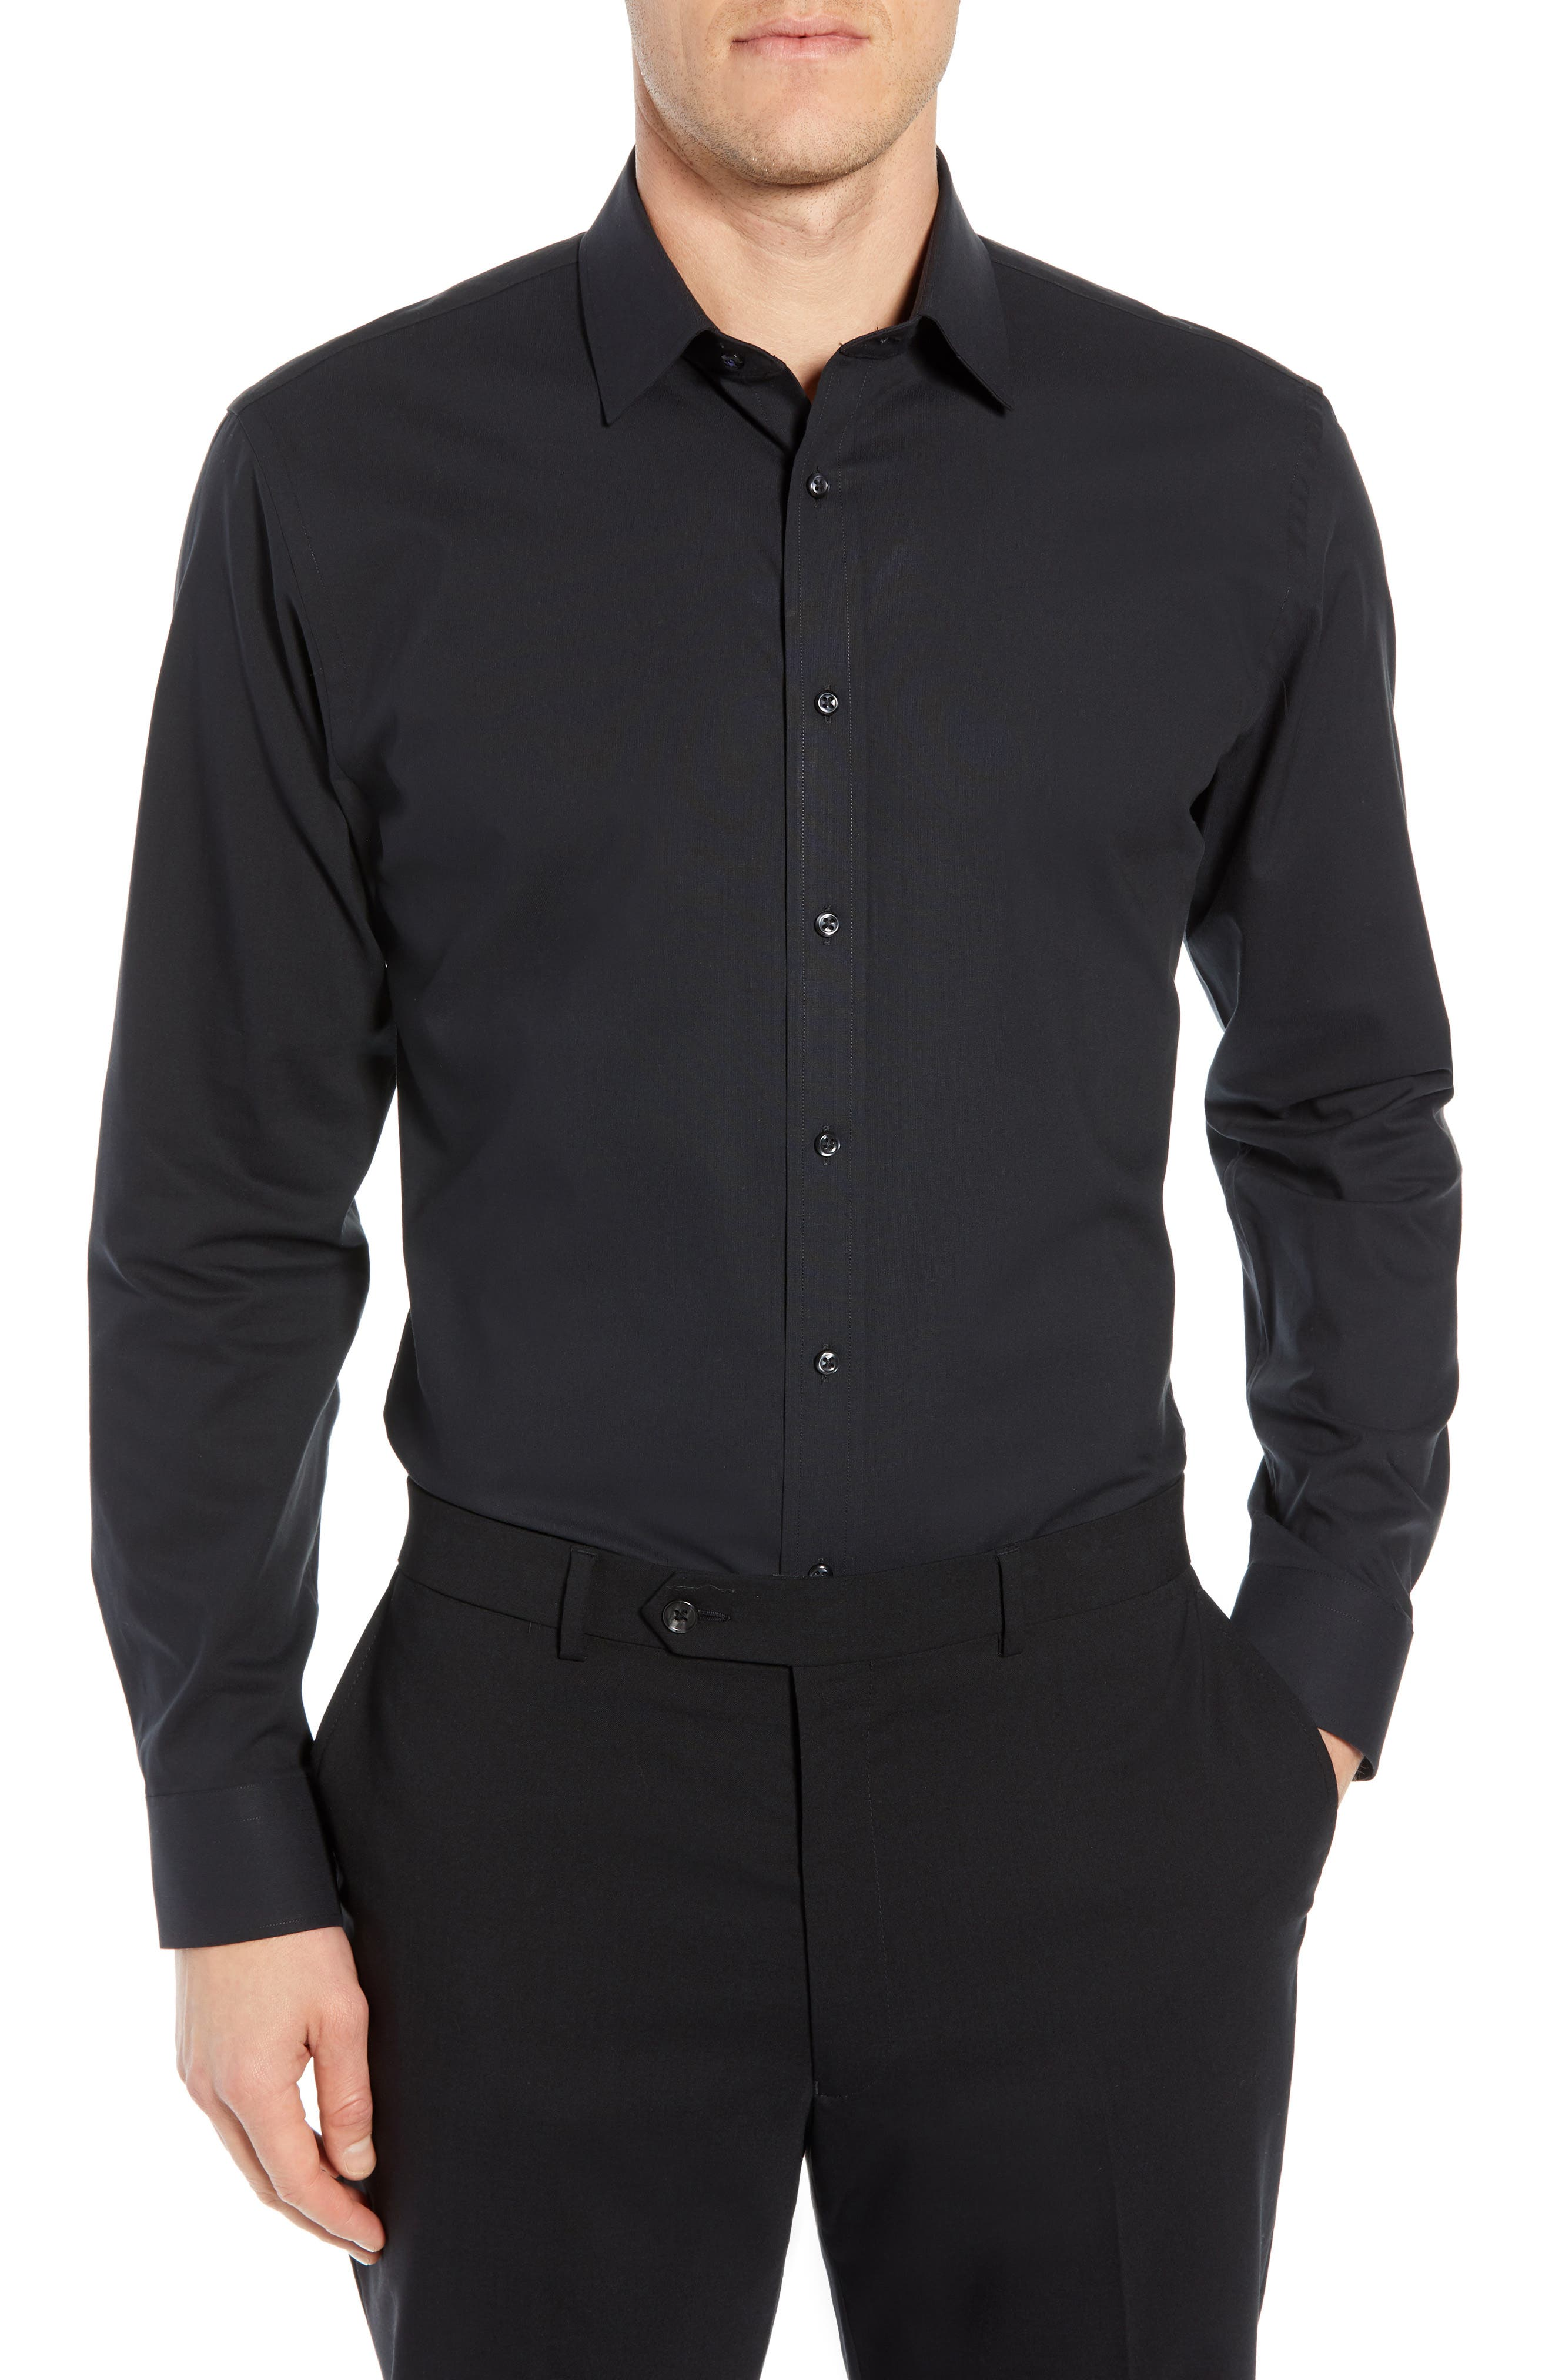 Tech-Smart Trim Fit Stretch Pinpoint Dress Shirt,                             Main thumbnail 1, color,                             BLACK ROCK